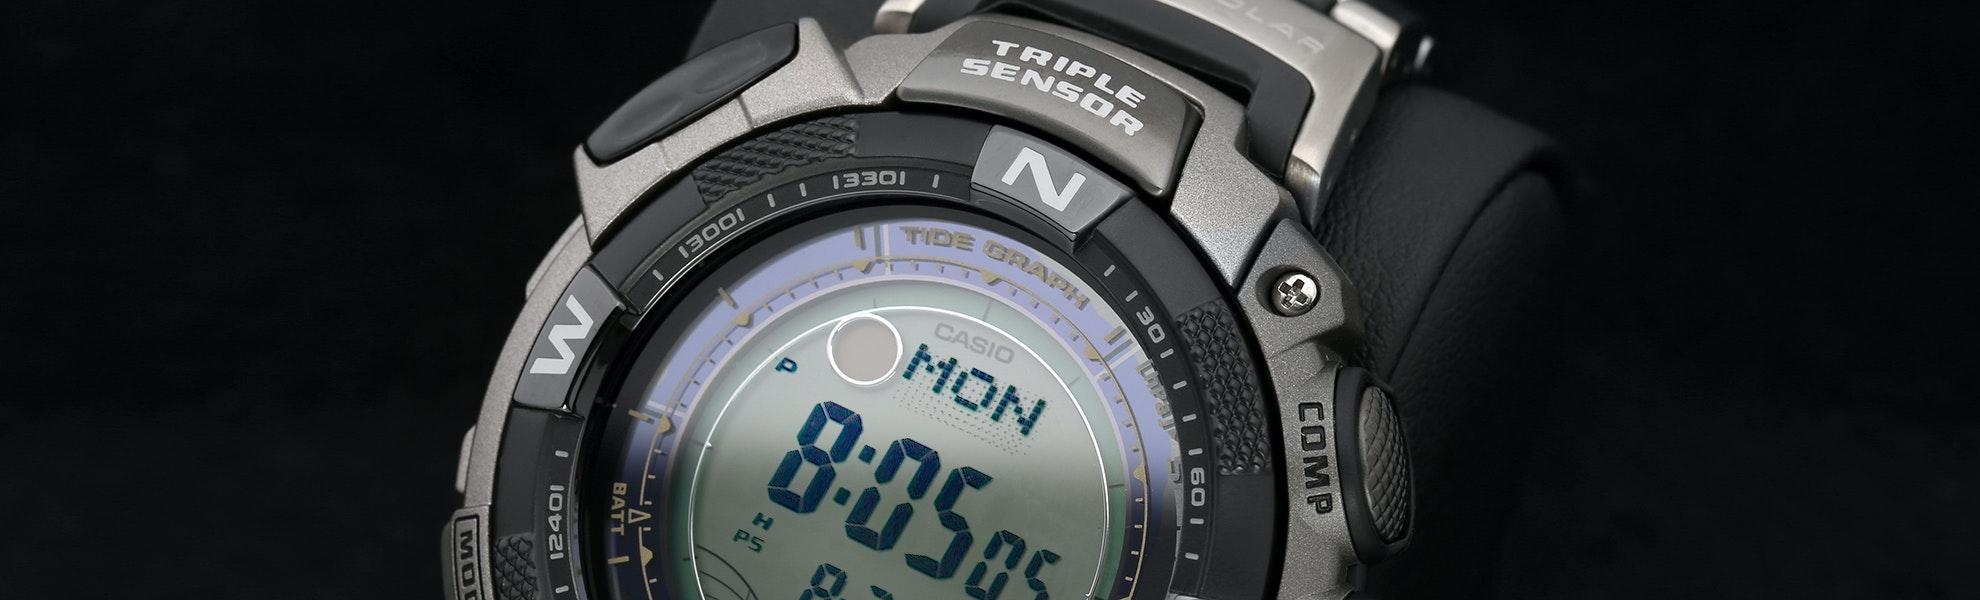 Casio ProTrek PRG130T-7V Watch